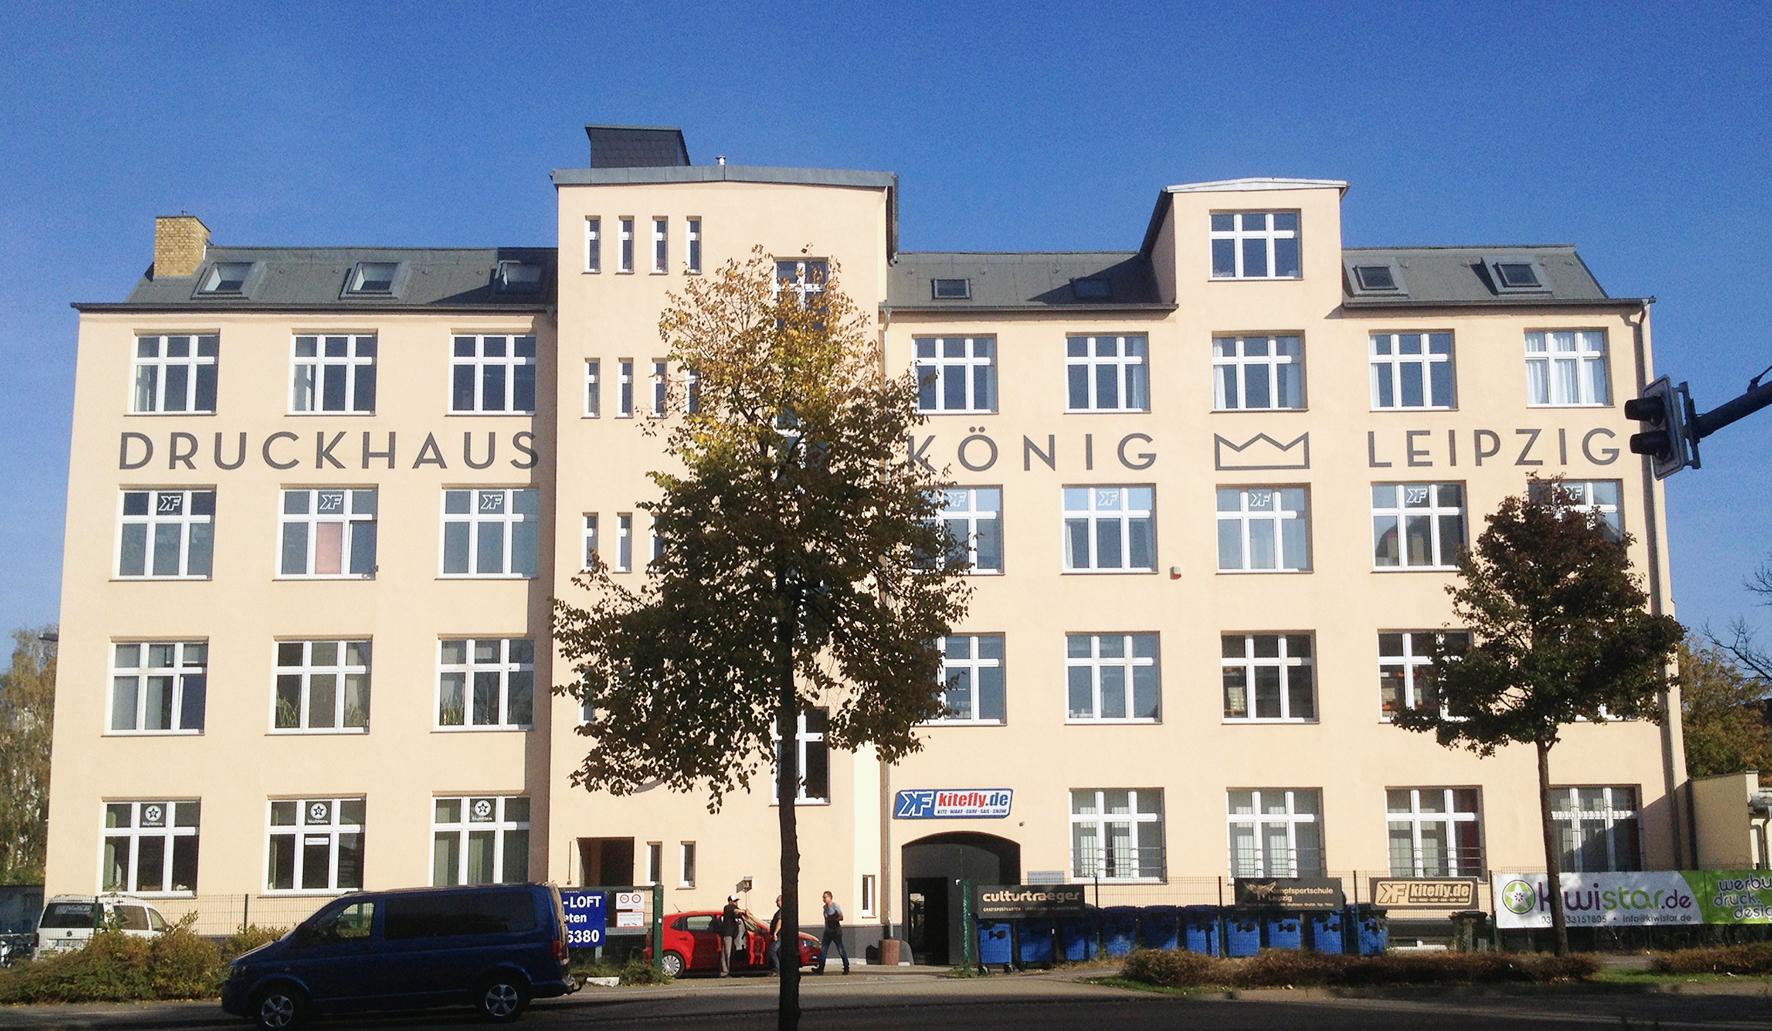 Druckhaus König